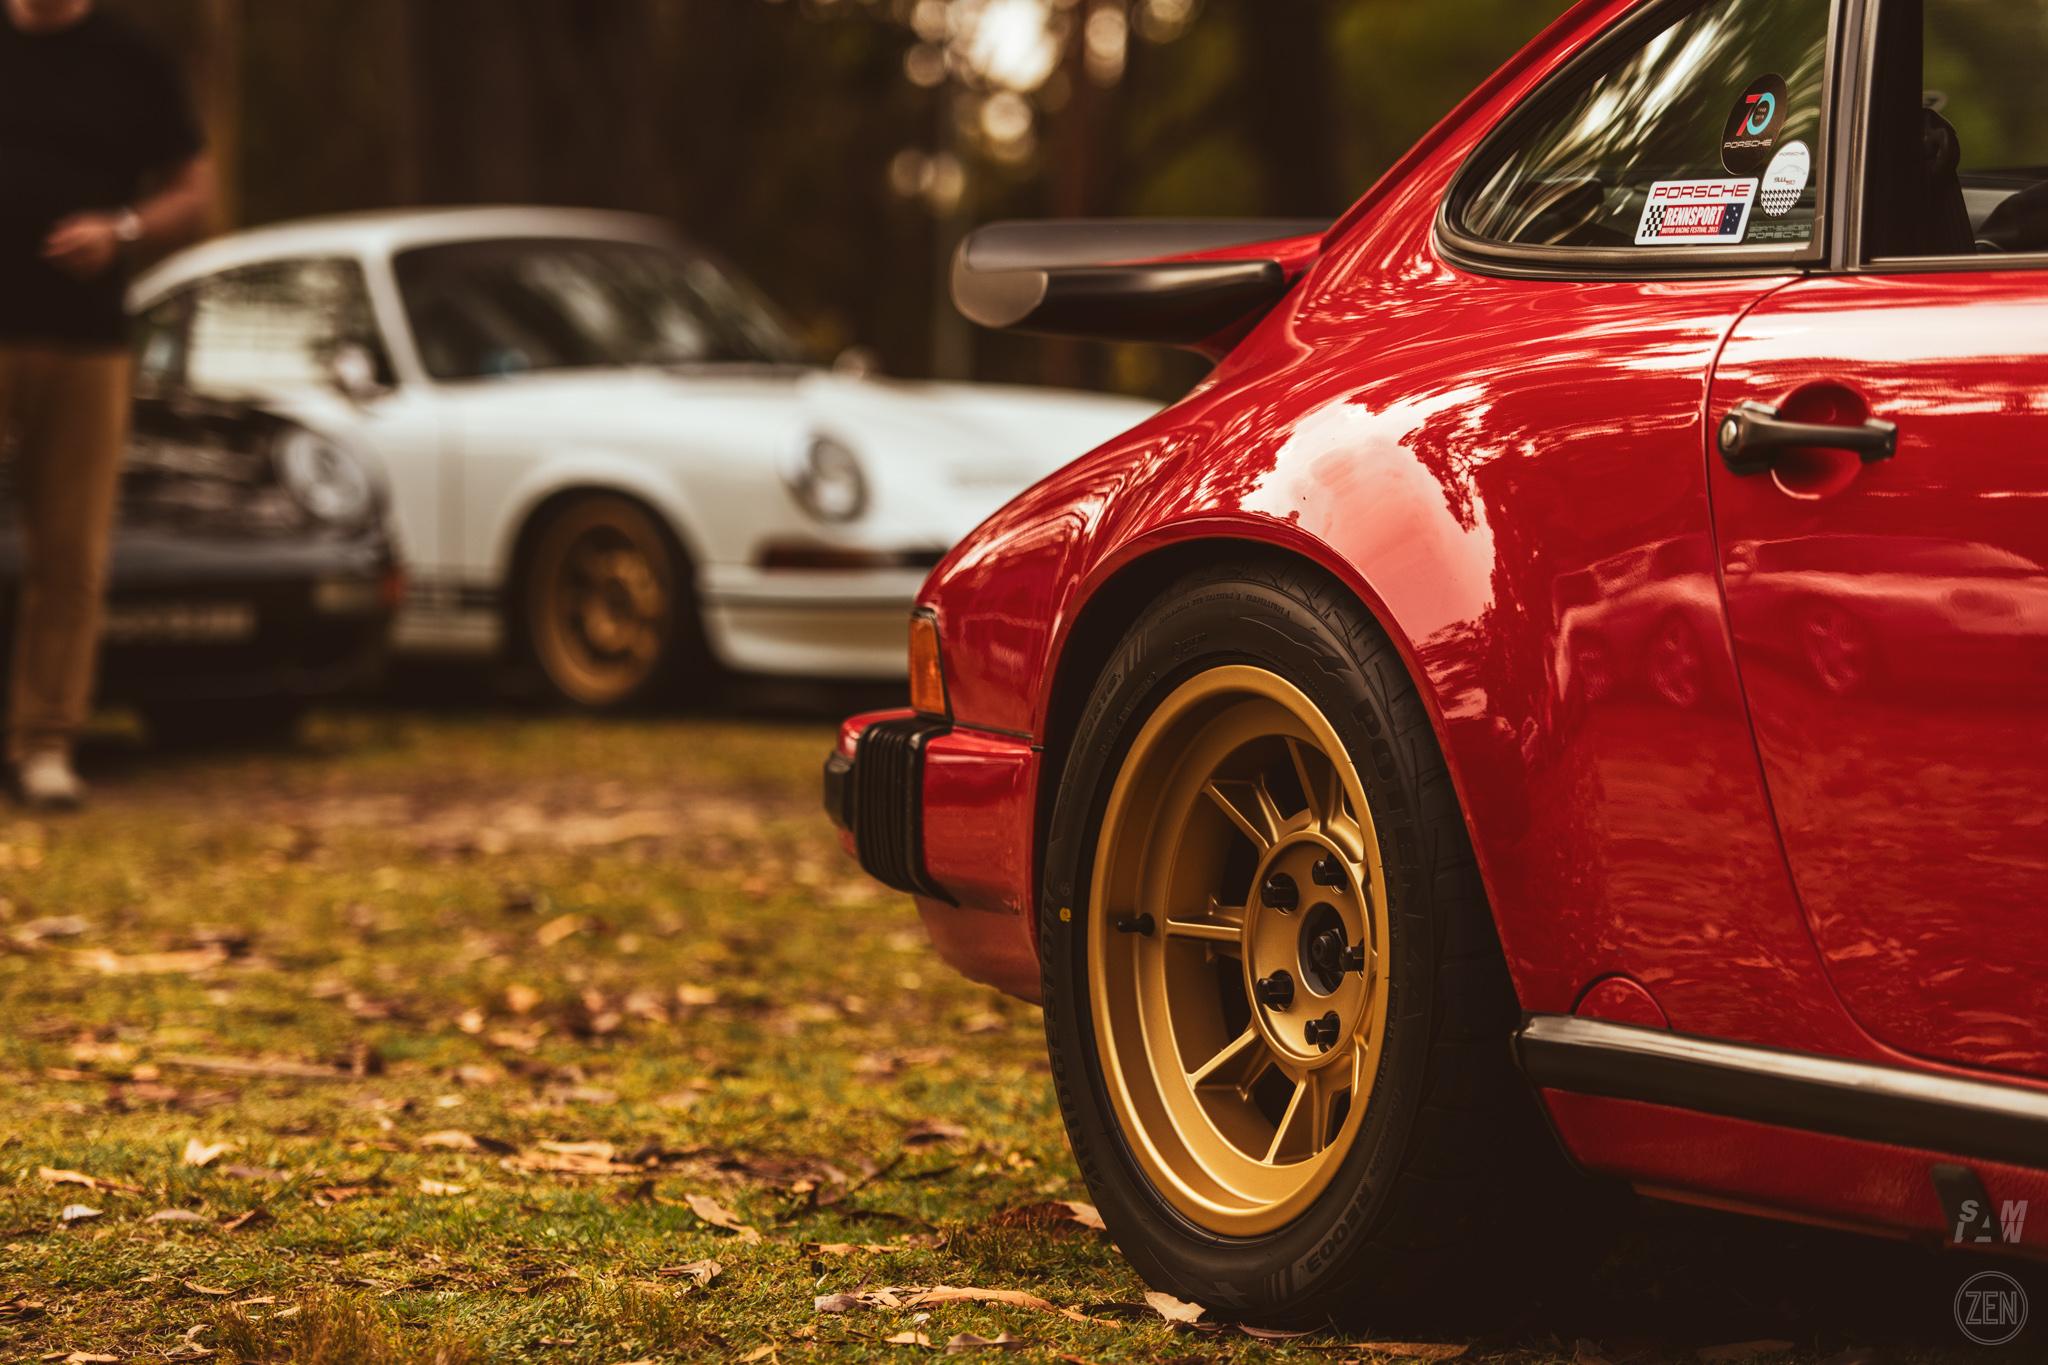 2019-12-08 - Porsches & Coffee 075